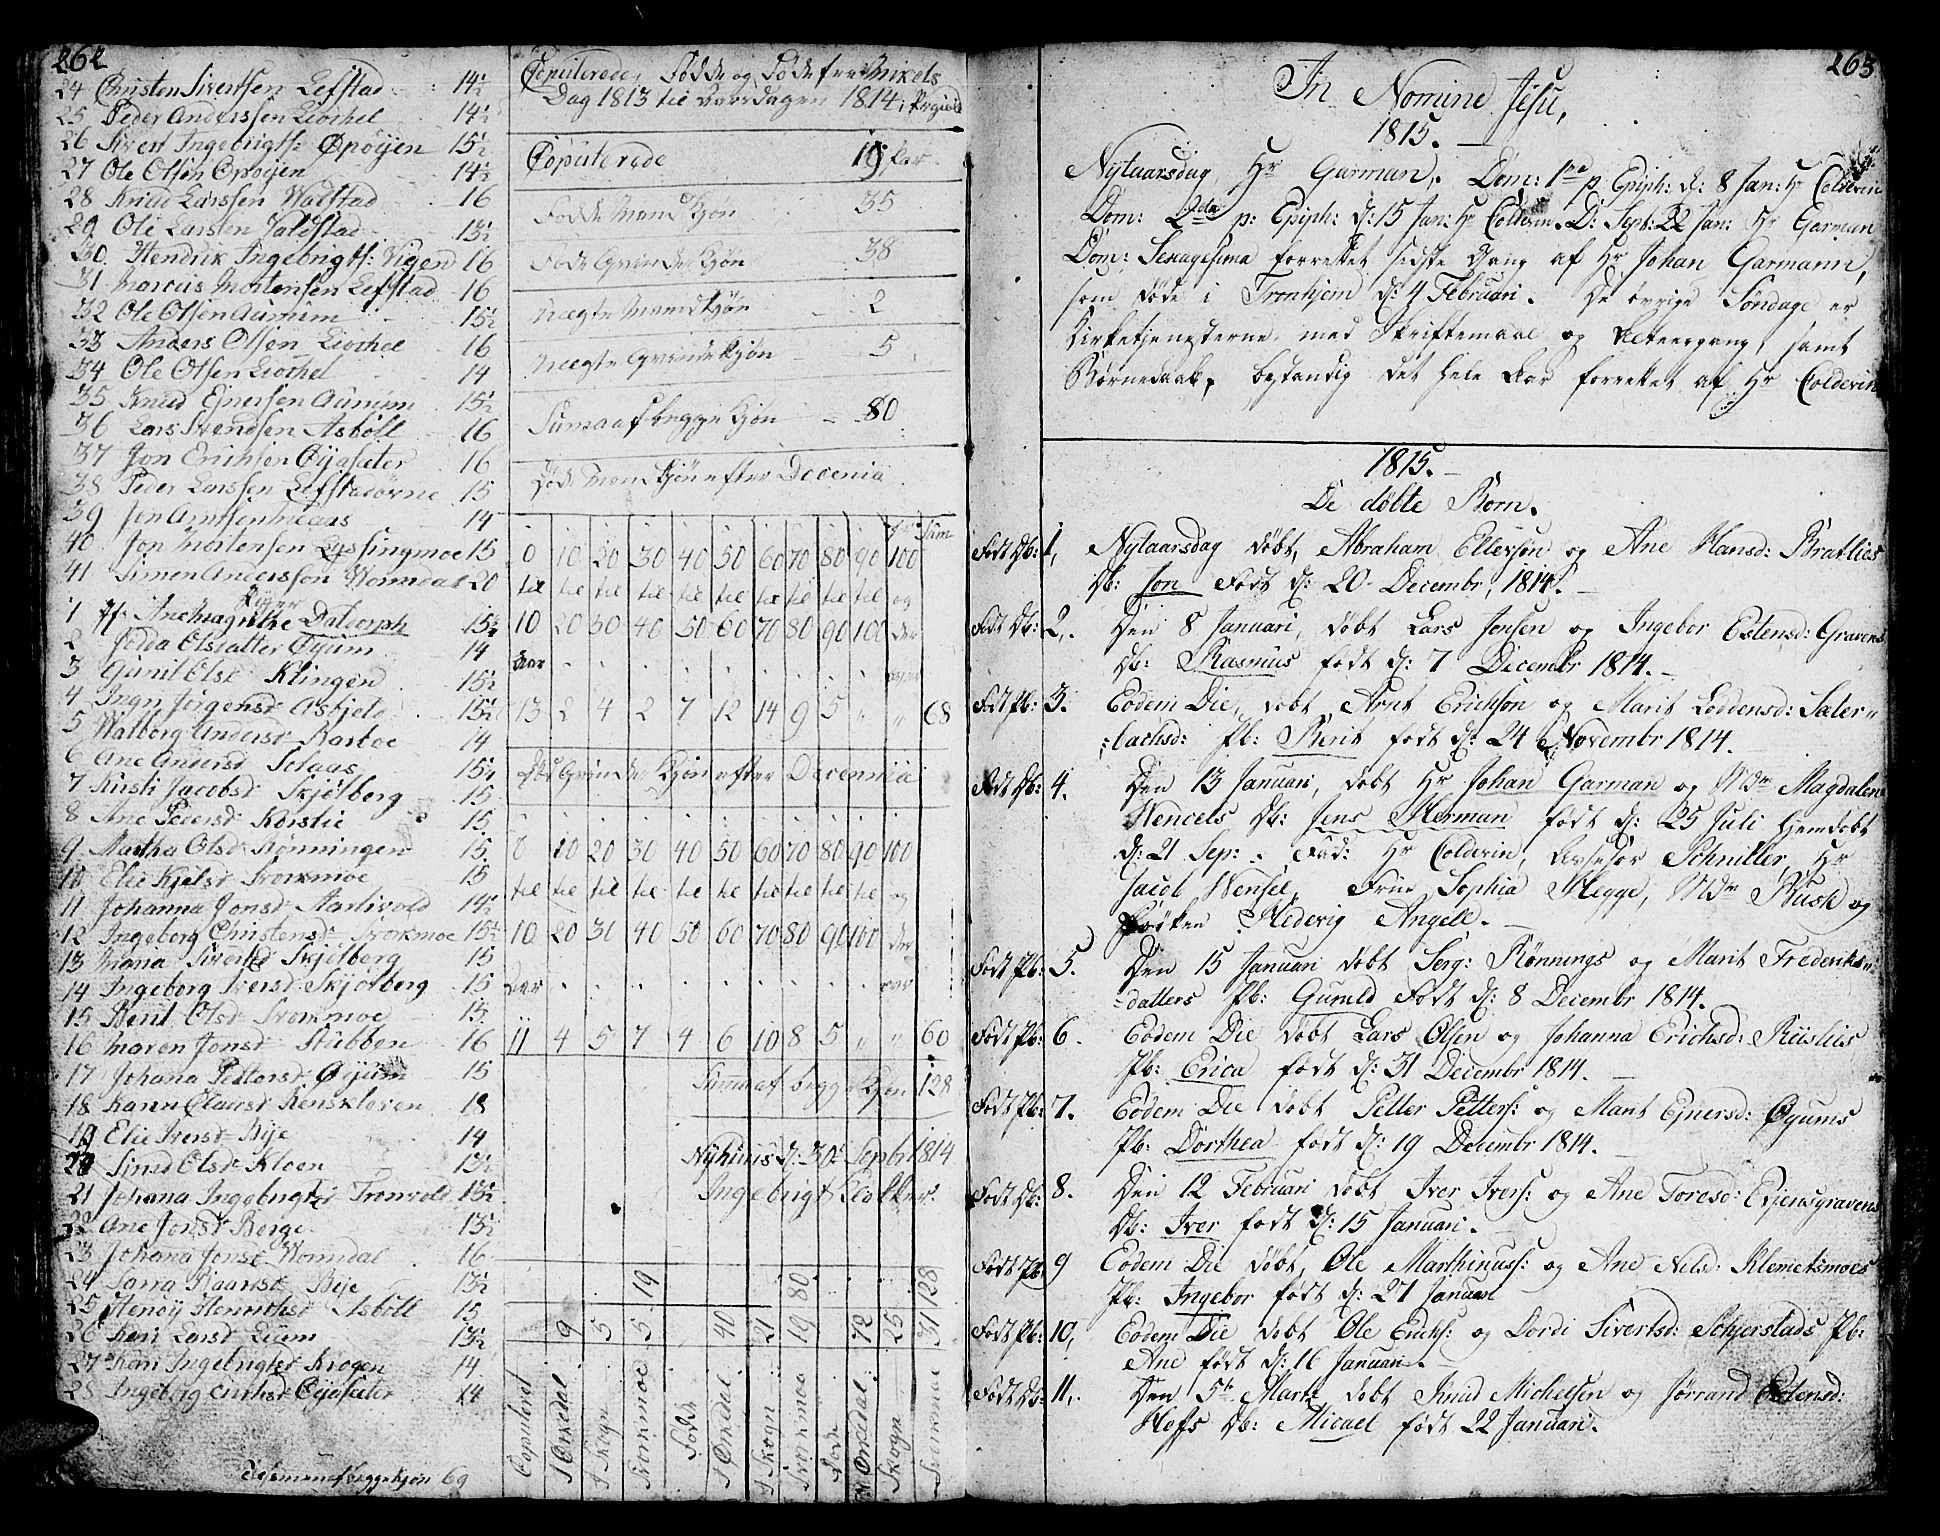 SAT, Ministerialprotokoller, klokkerbøker og fødselsregistre - Sør-Trøndelag, 668/L0815: Klokkerbok nr. 668C04, 1791-1815, s. 262-263